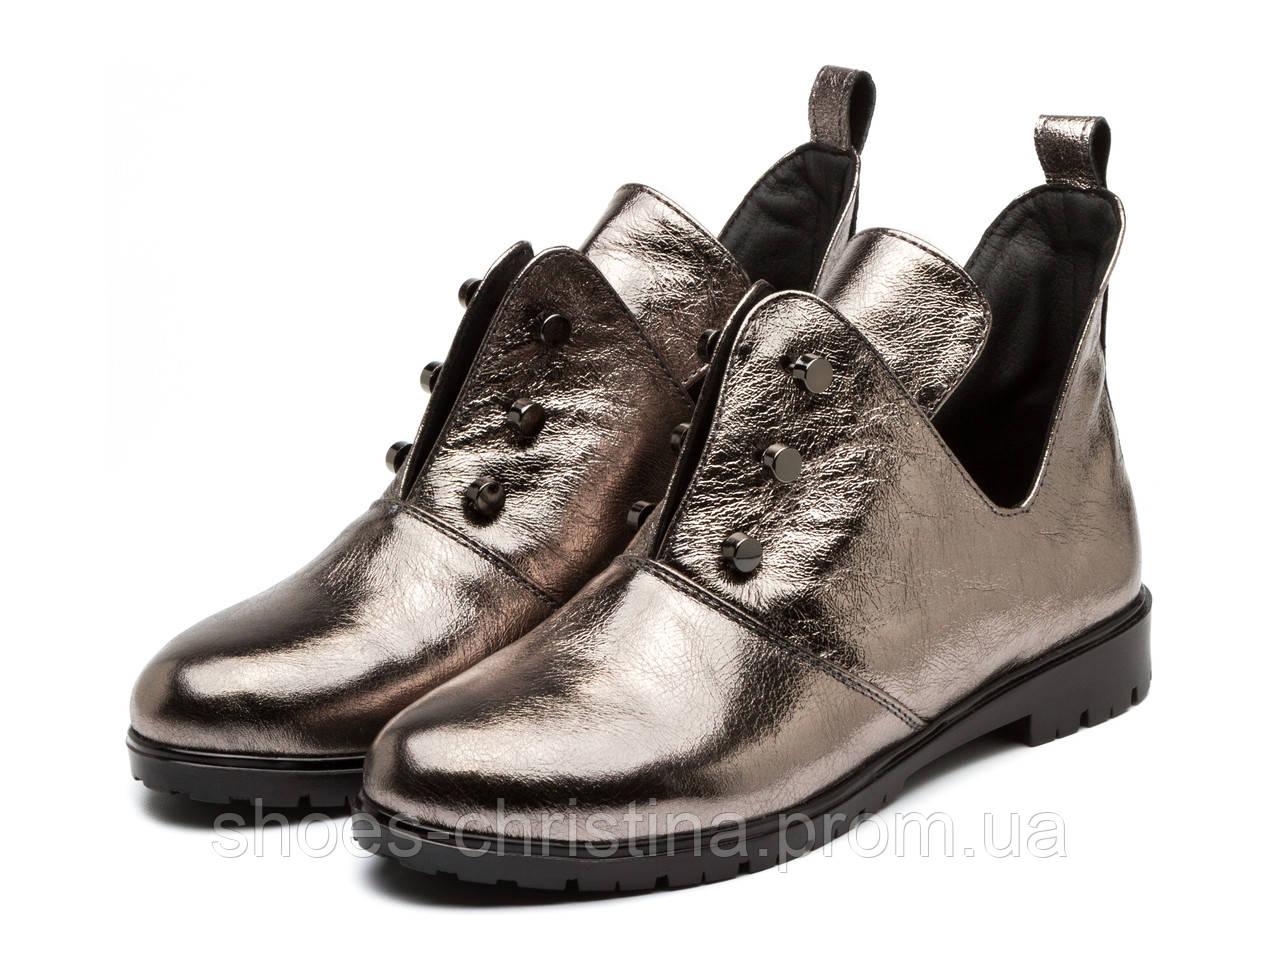 Кожаные женские туфли. Опт и розница прямые поставки - Christina в Харькове be5d939b967